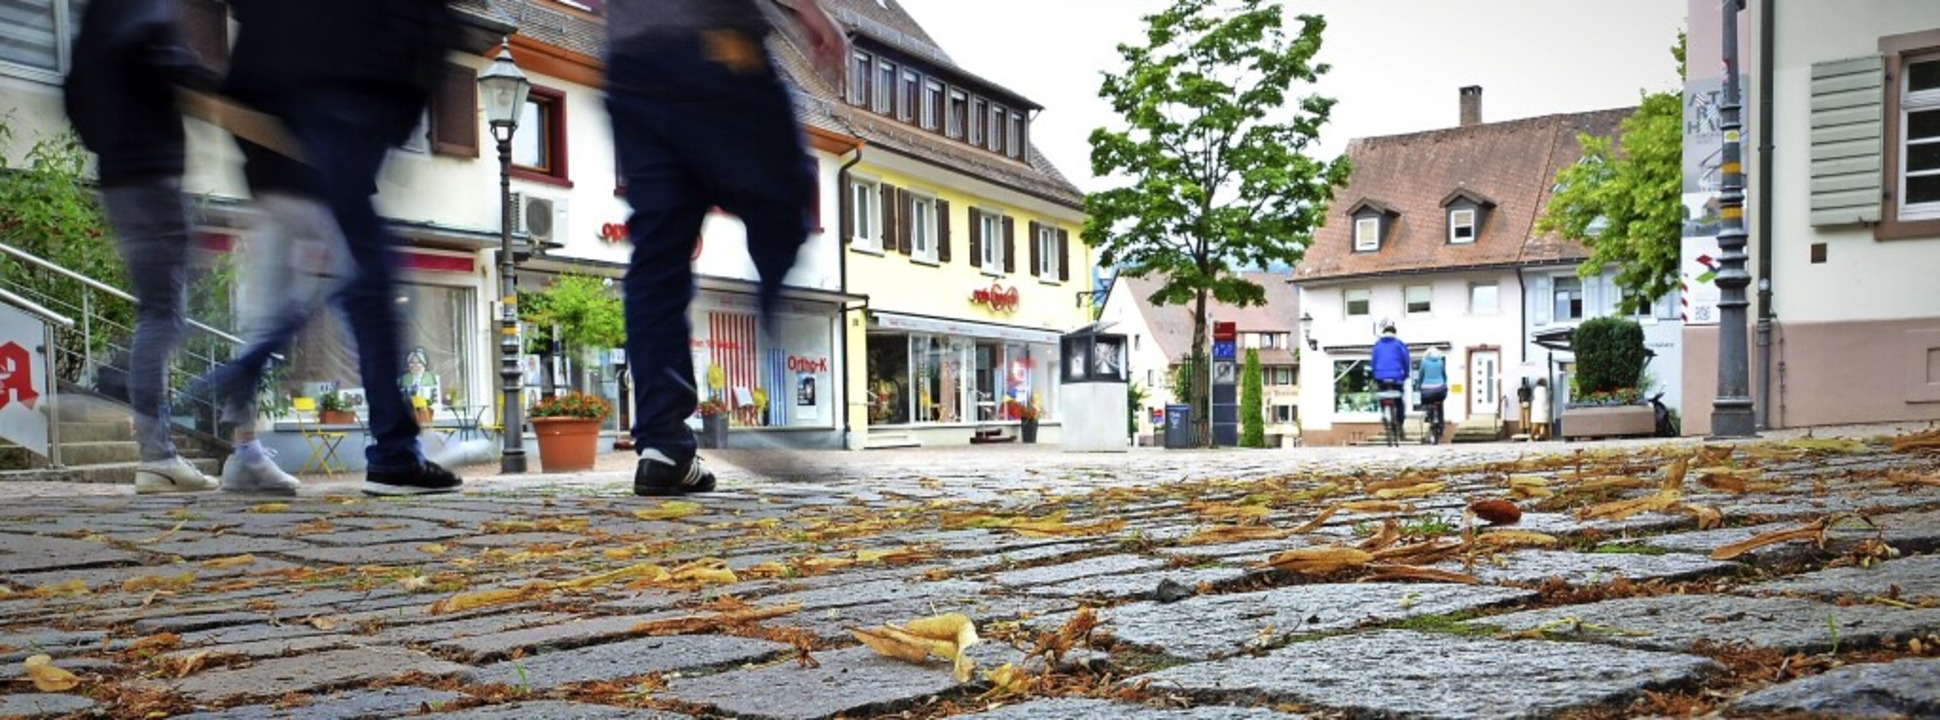 Der Einzelhandel im Herzen Kirchzartens ist vielen Bürgern wichtig.    Foto: Kathrin Blum